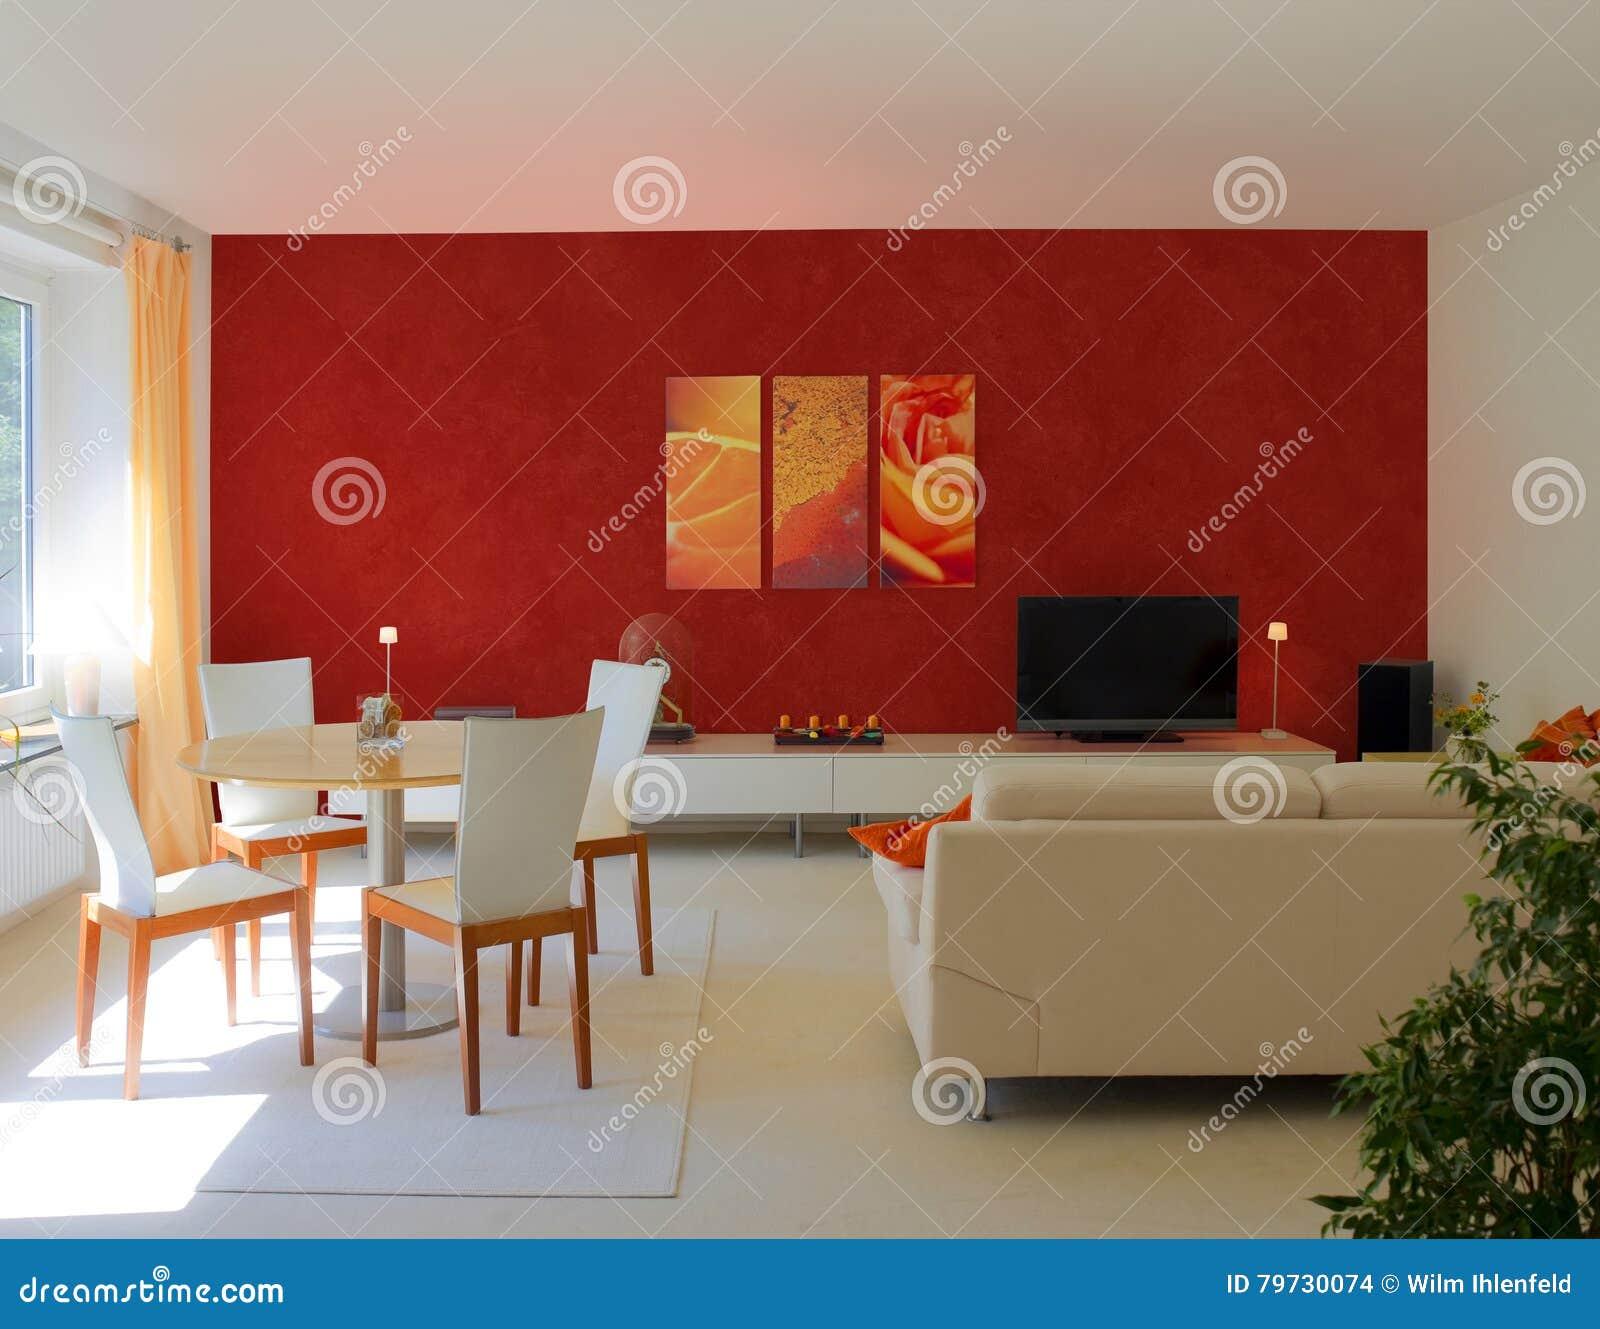 Salon contemporain avec le mur rouge photo stock image du maroon rideau 79730074 - Mur rouge salon ...